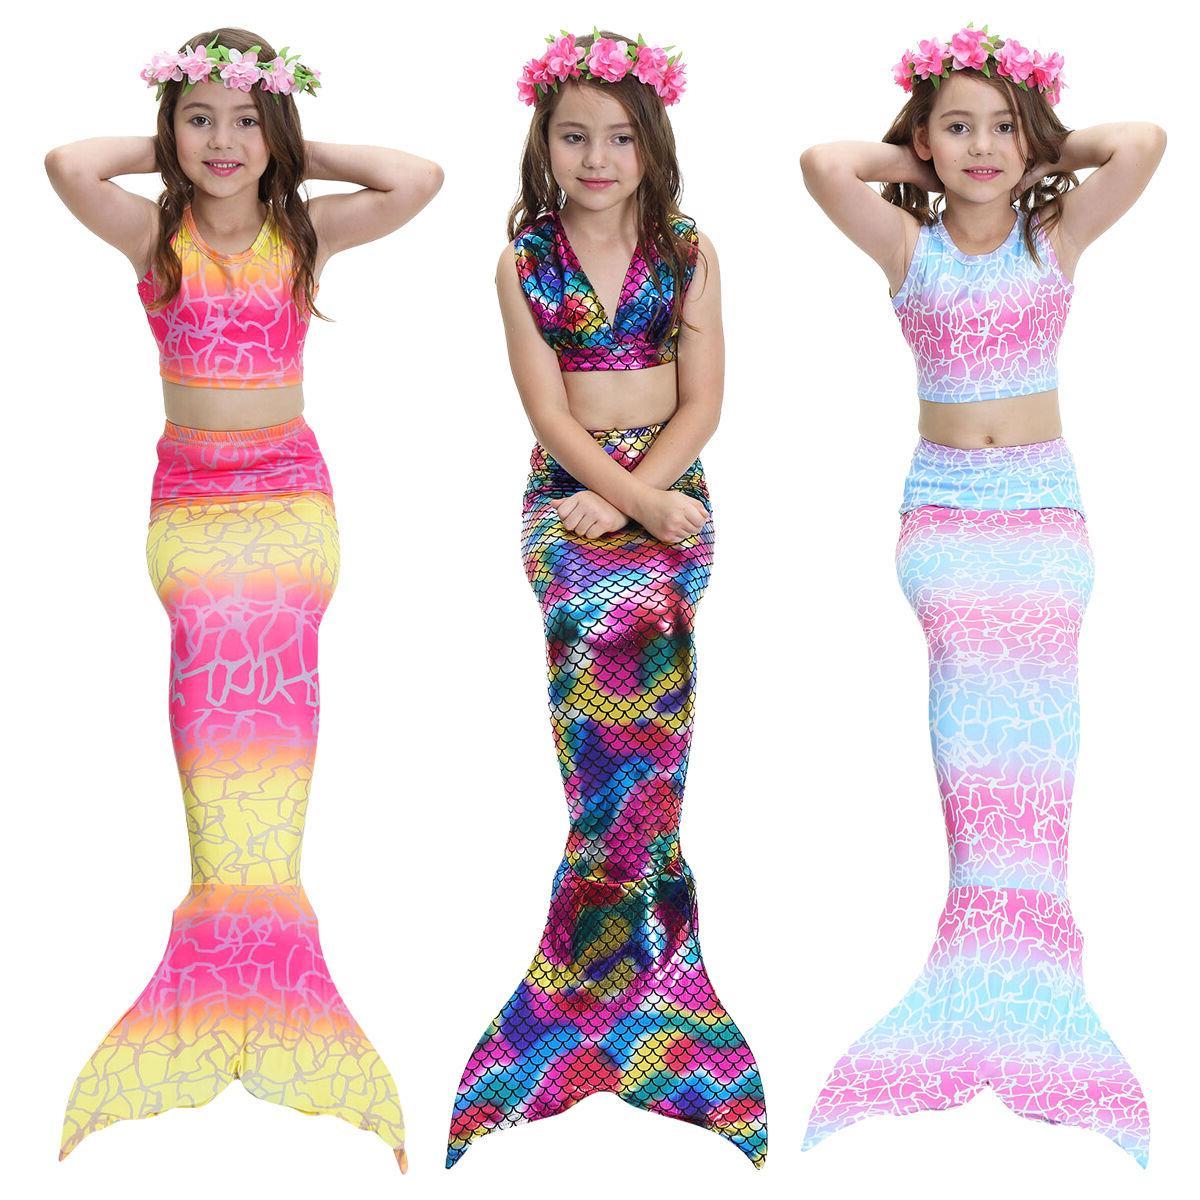 new kids girls 3pcs mermaid tail swimming